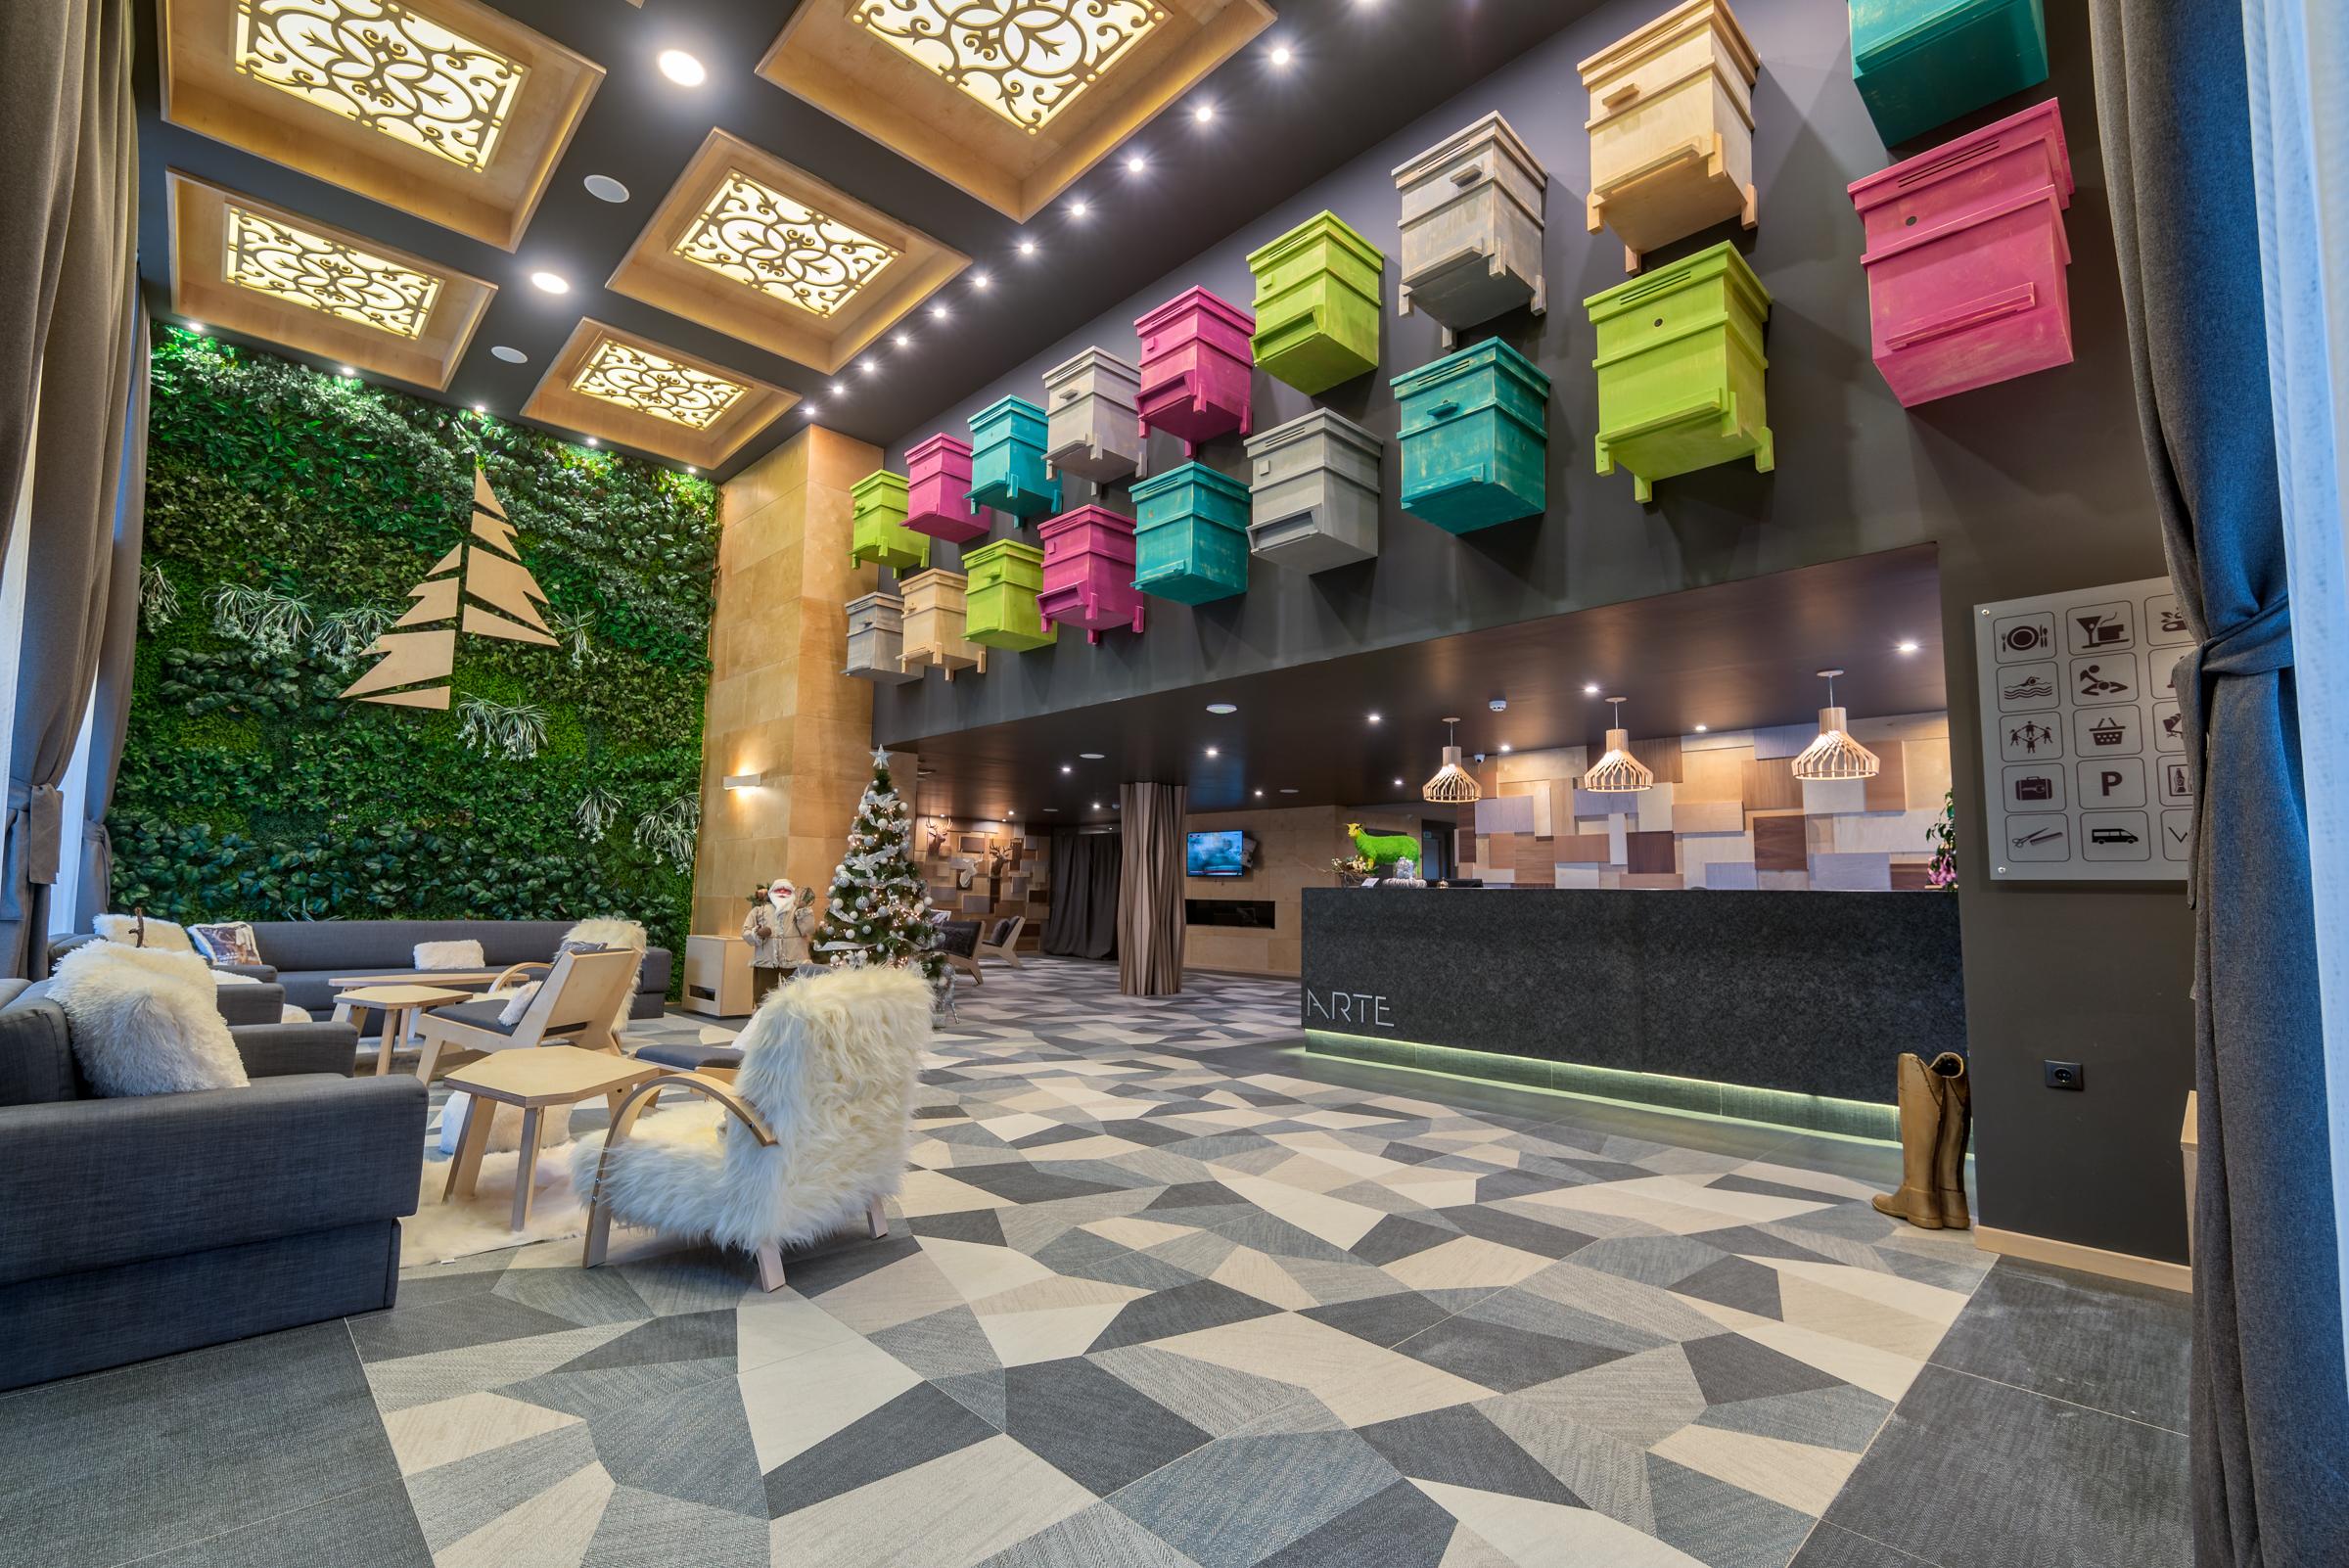 arte hotel velingrad